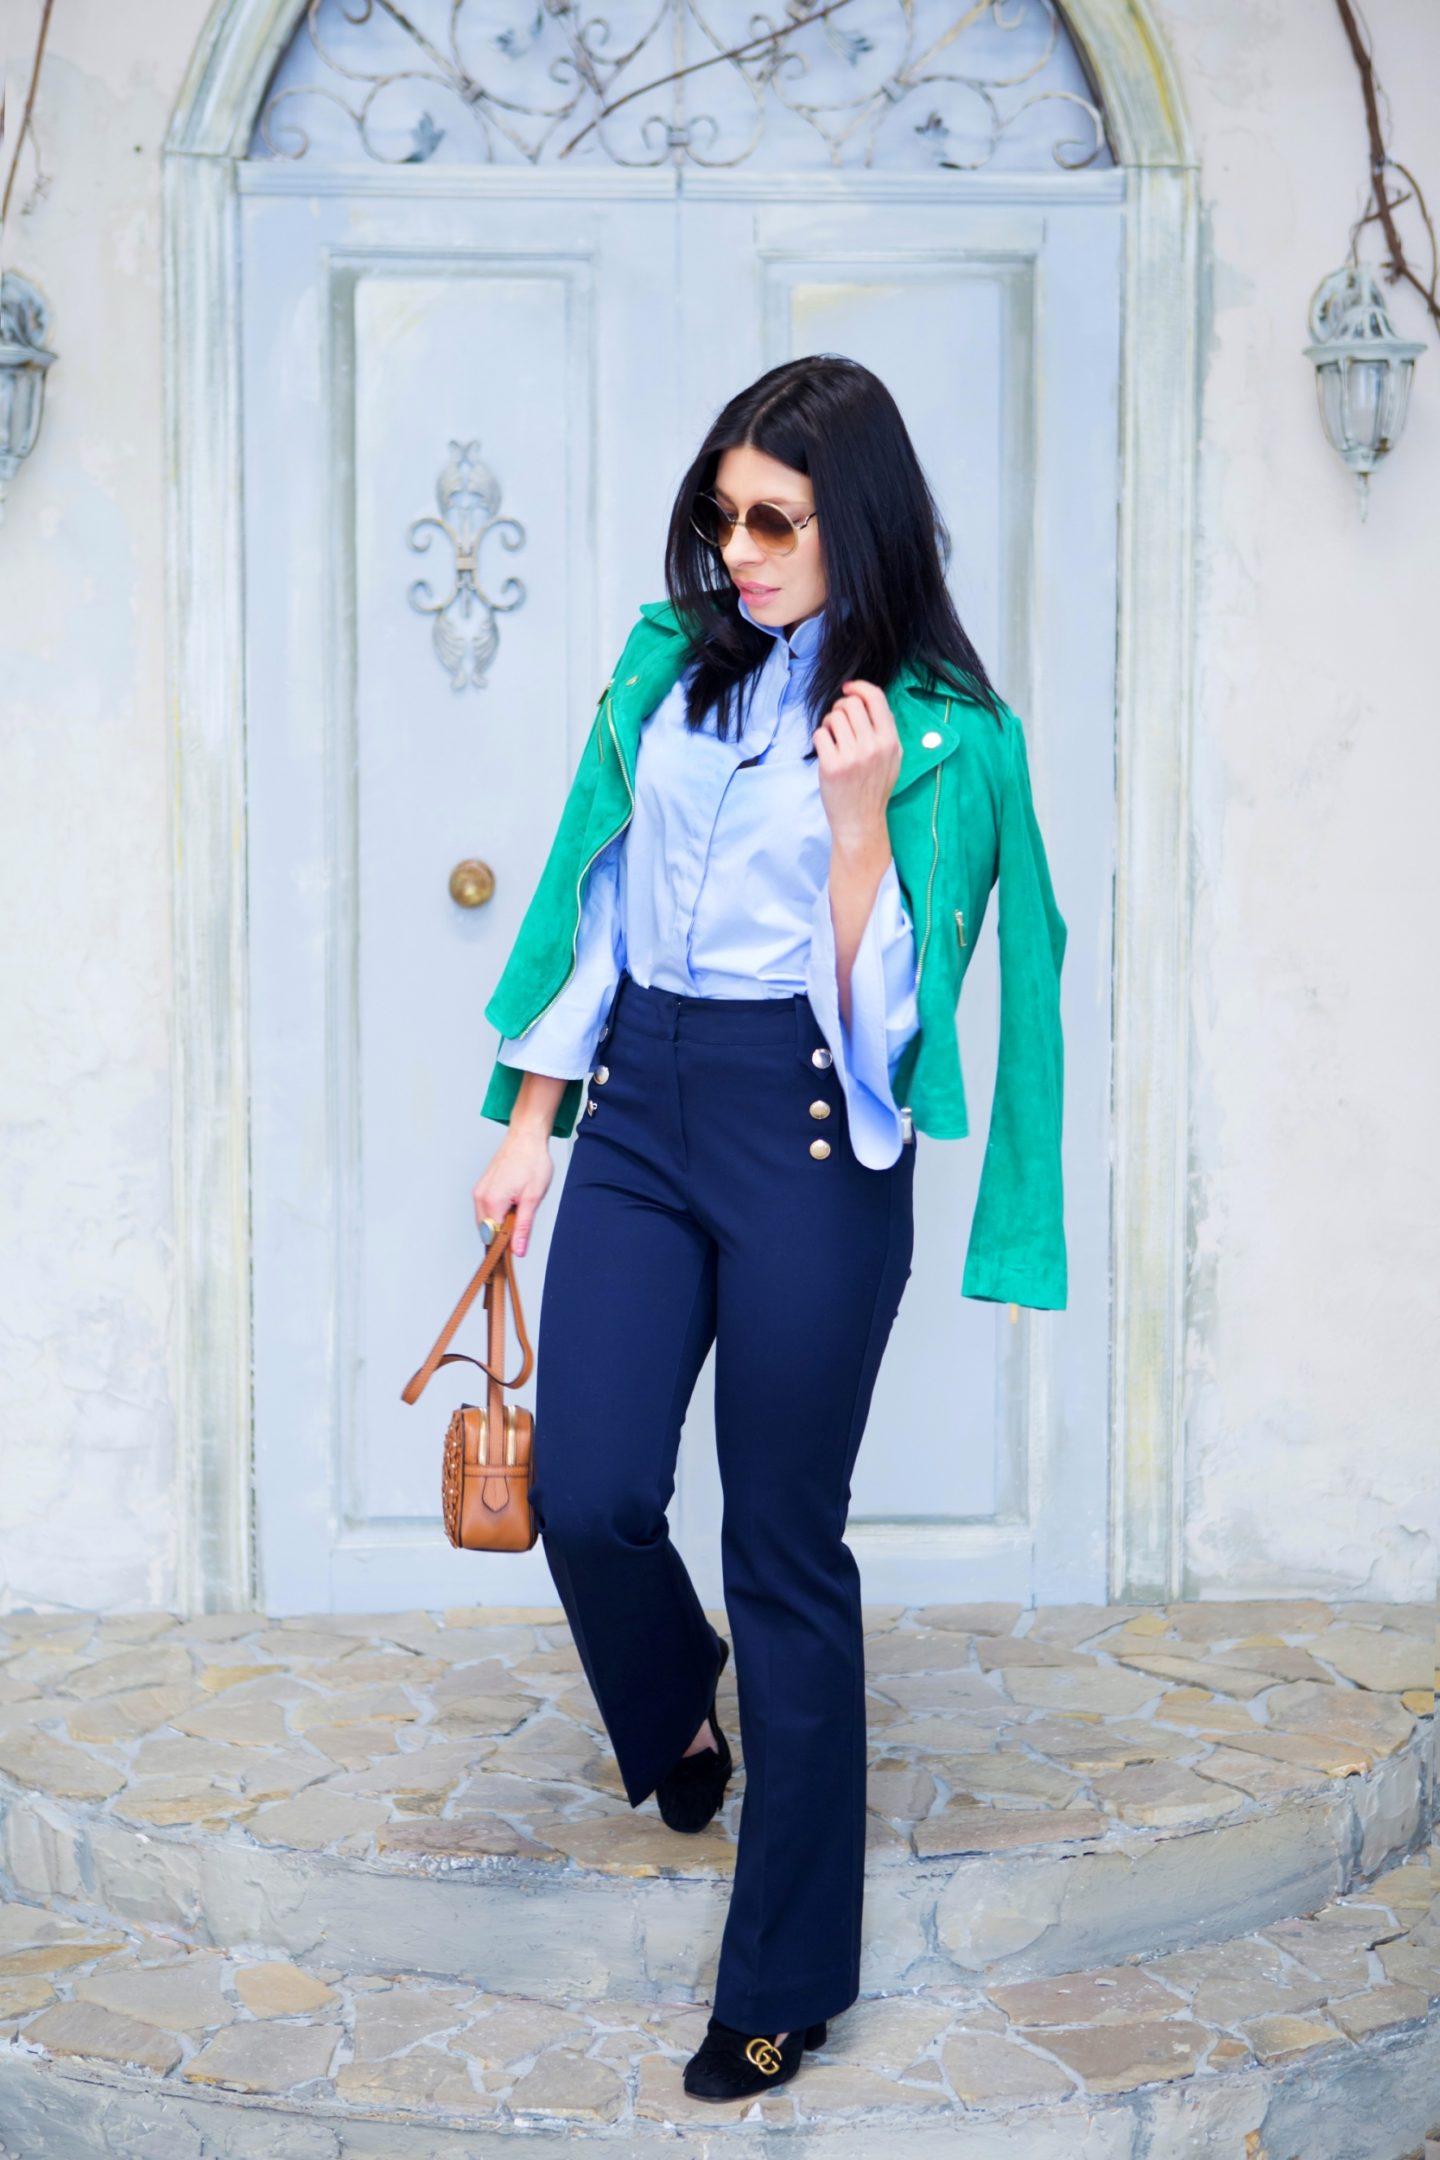 Дорогу весне: нежные образы от украинских fashion-блогеров-Фото 6